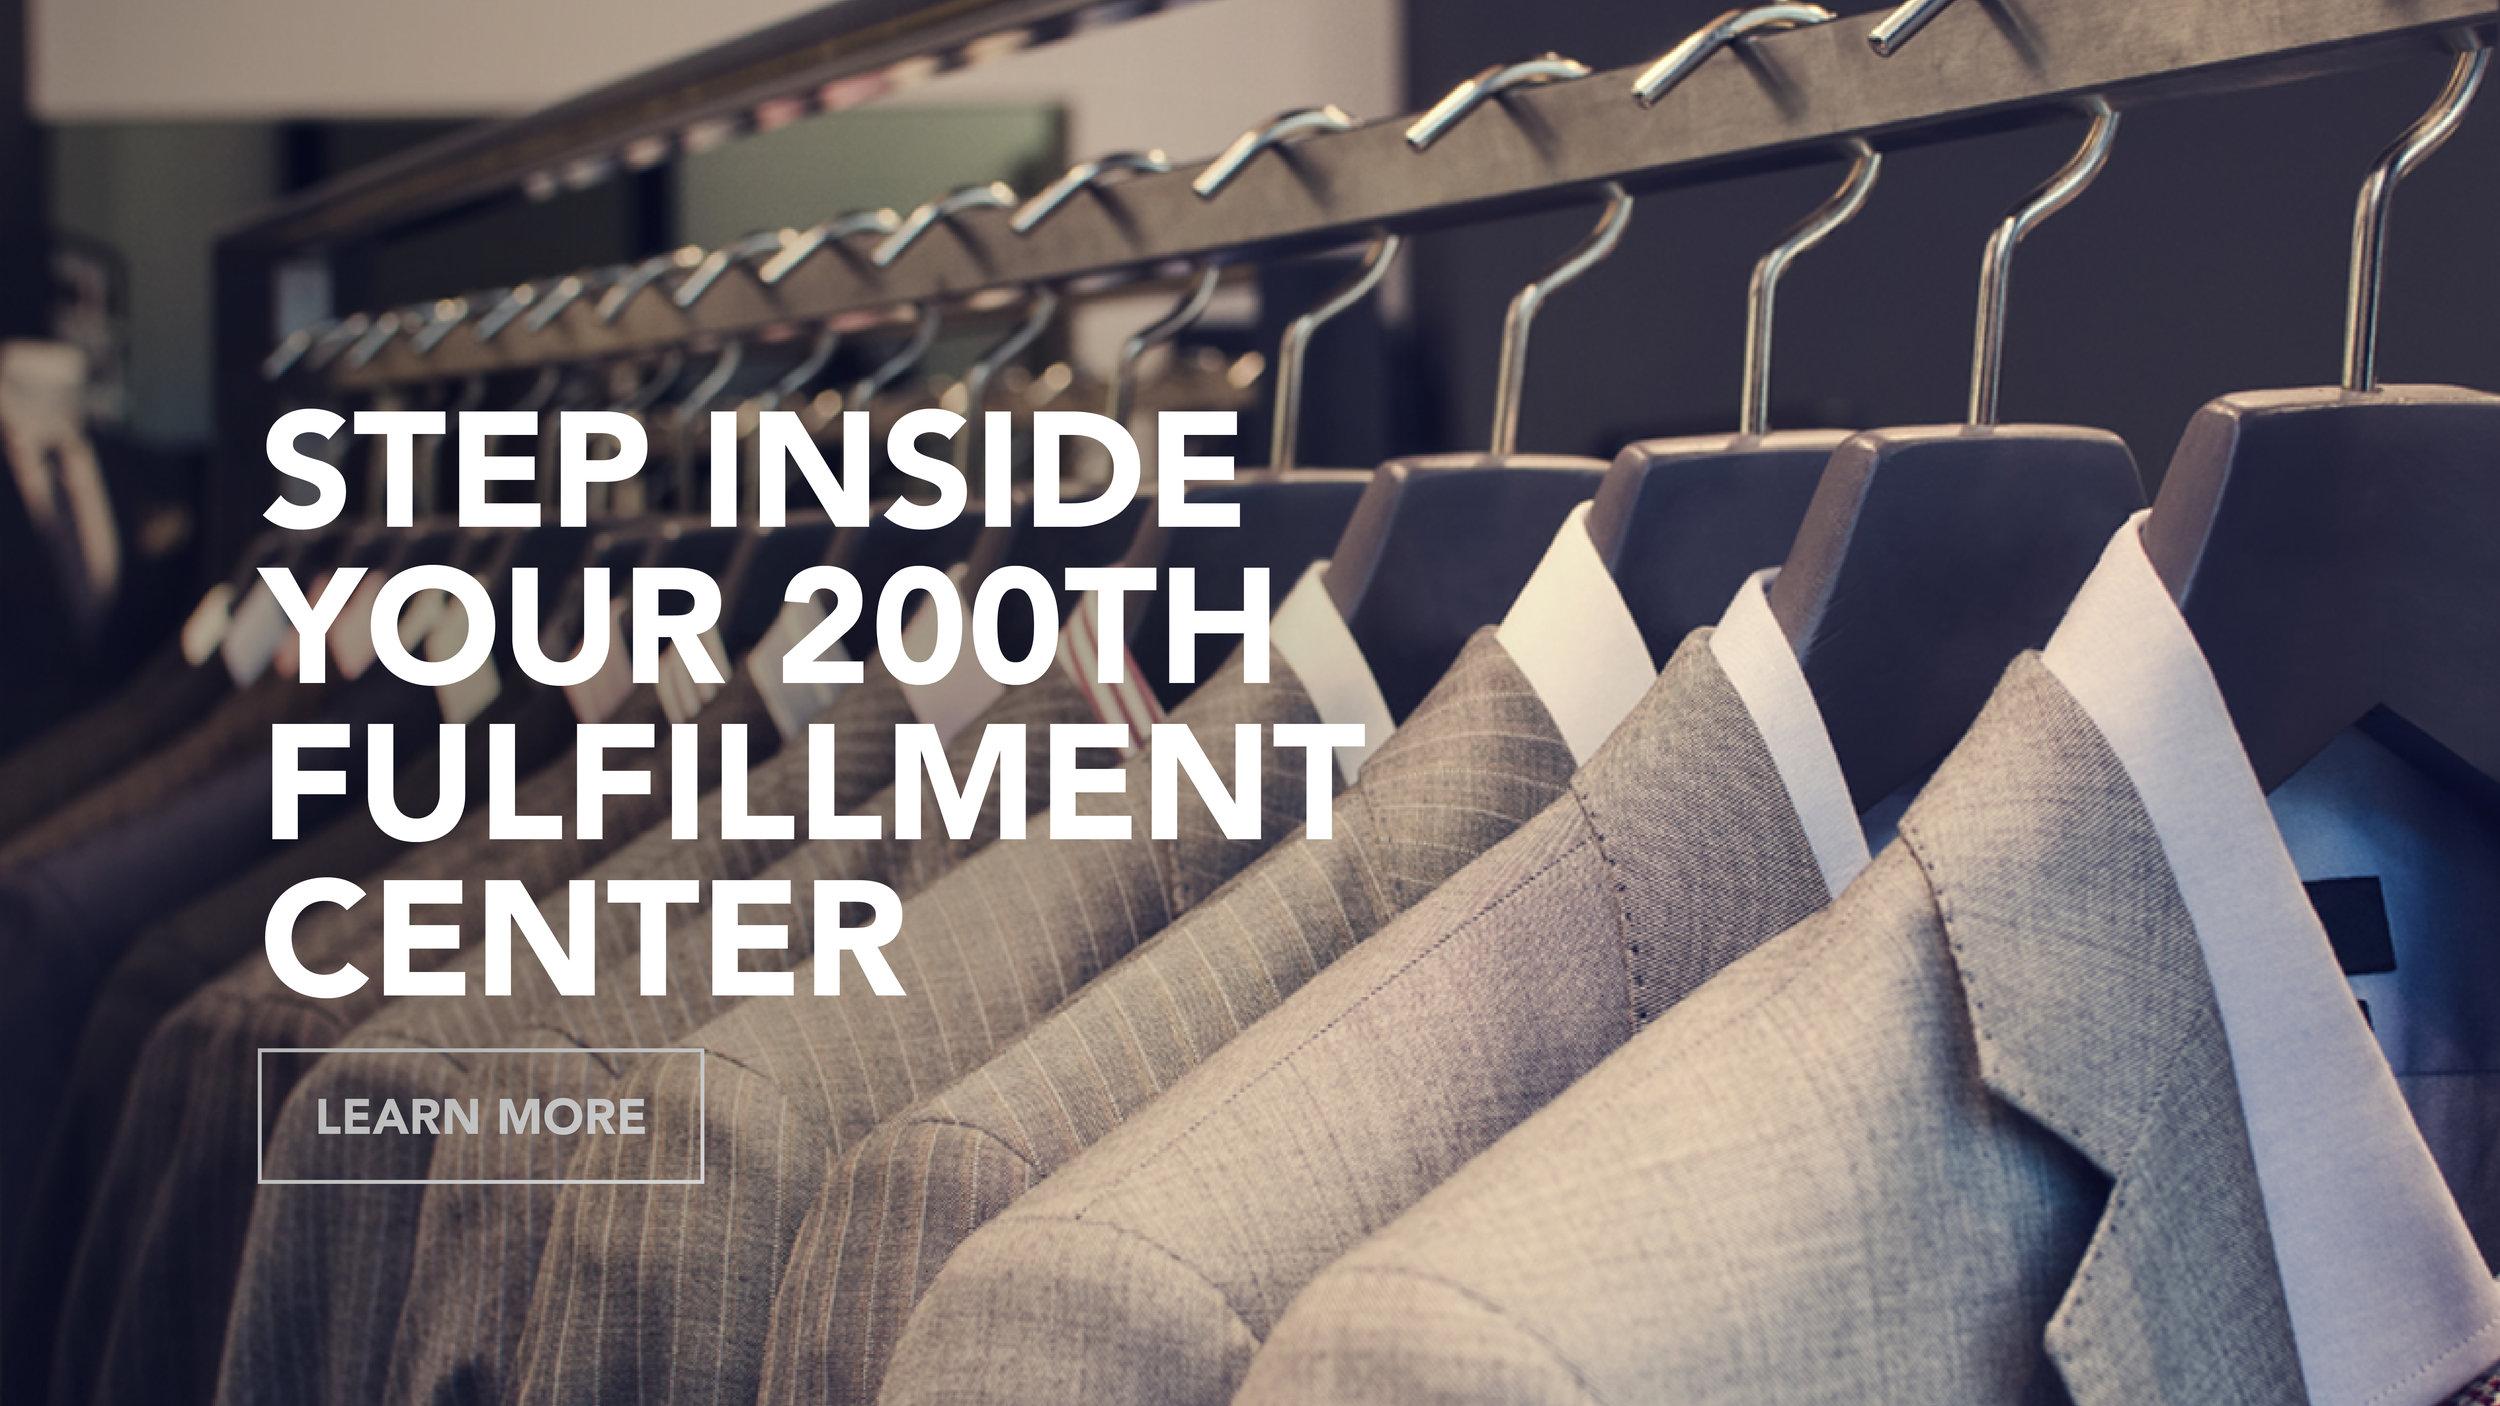 Step Inside Your 200th Fulfillment Center.jpg